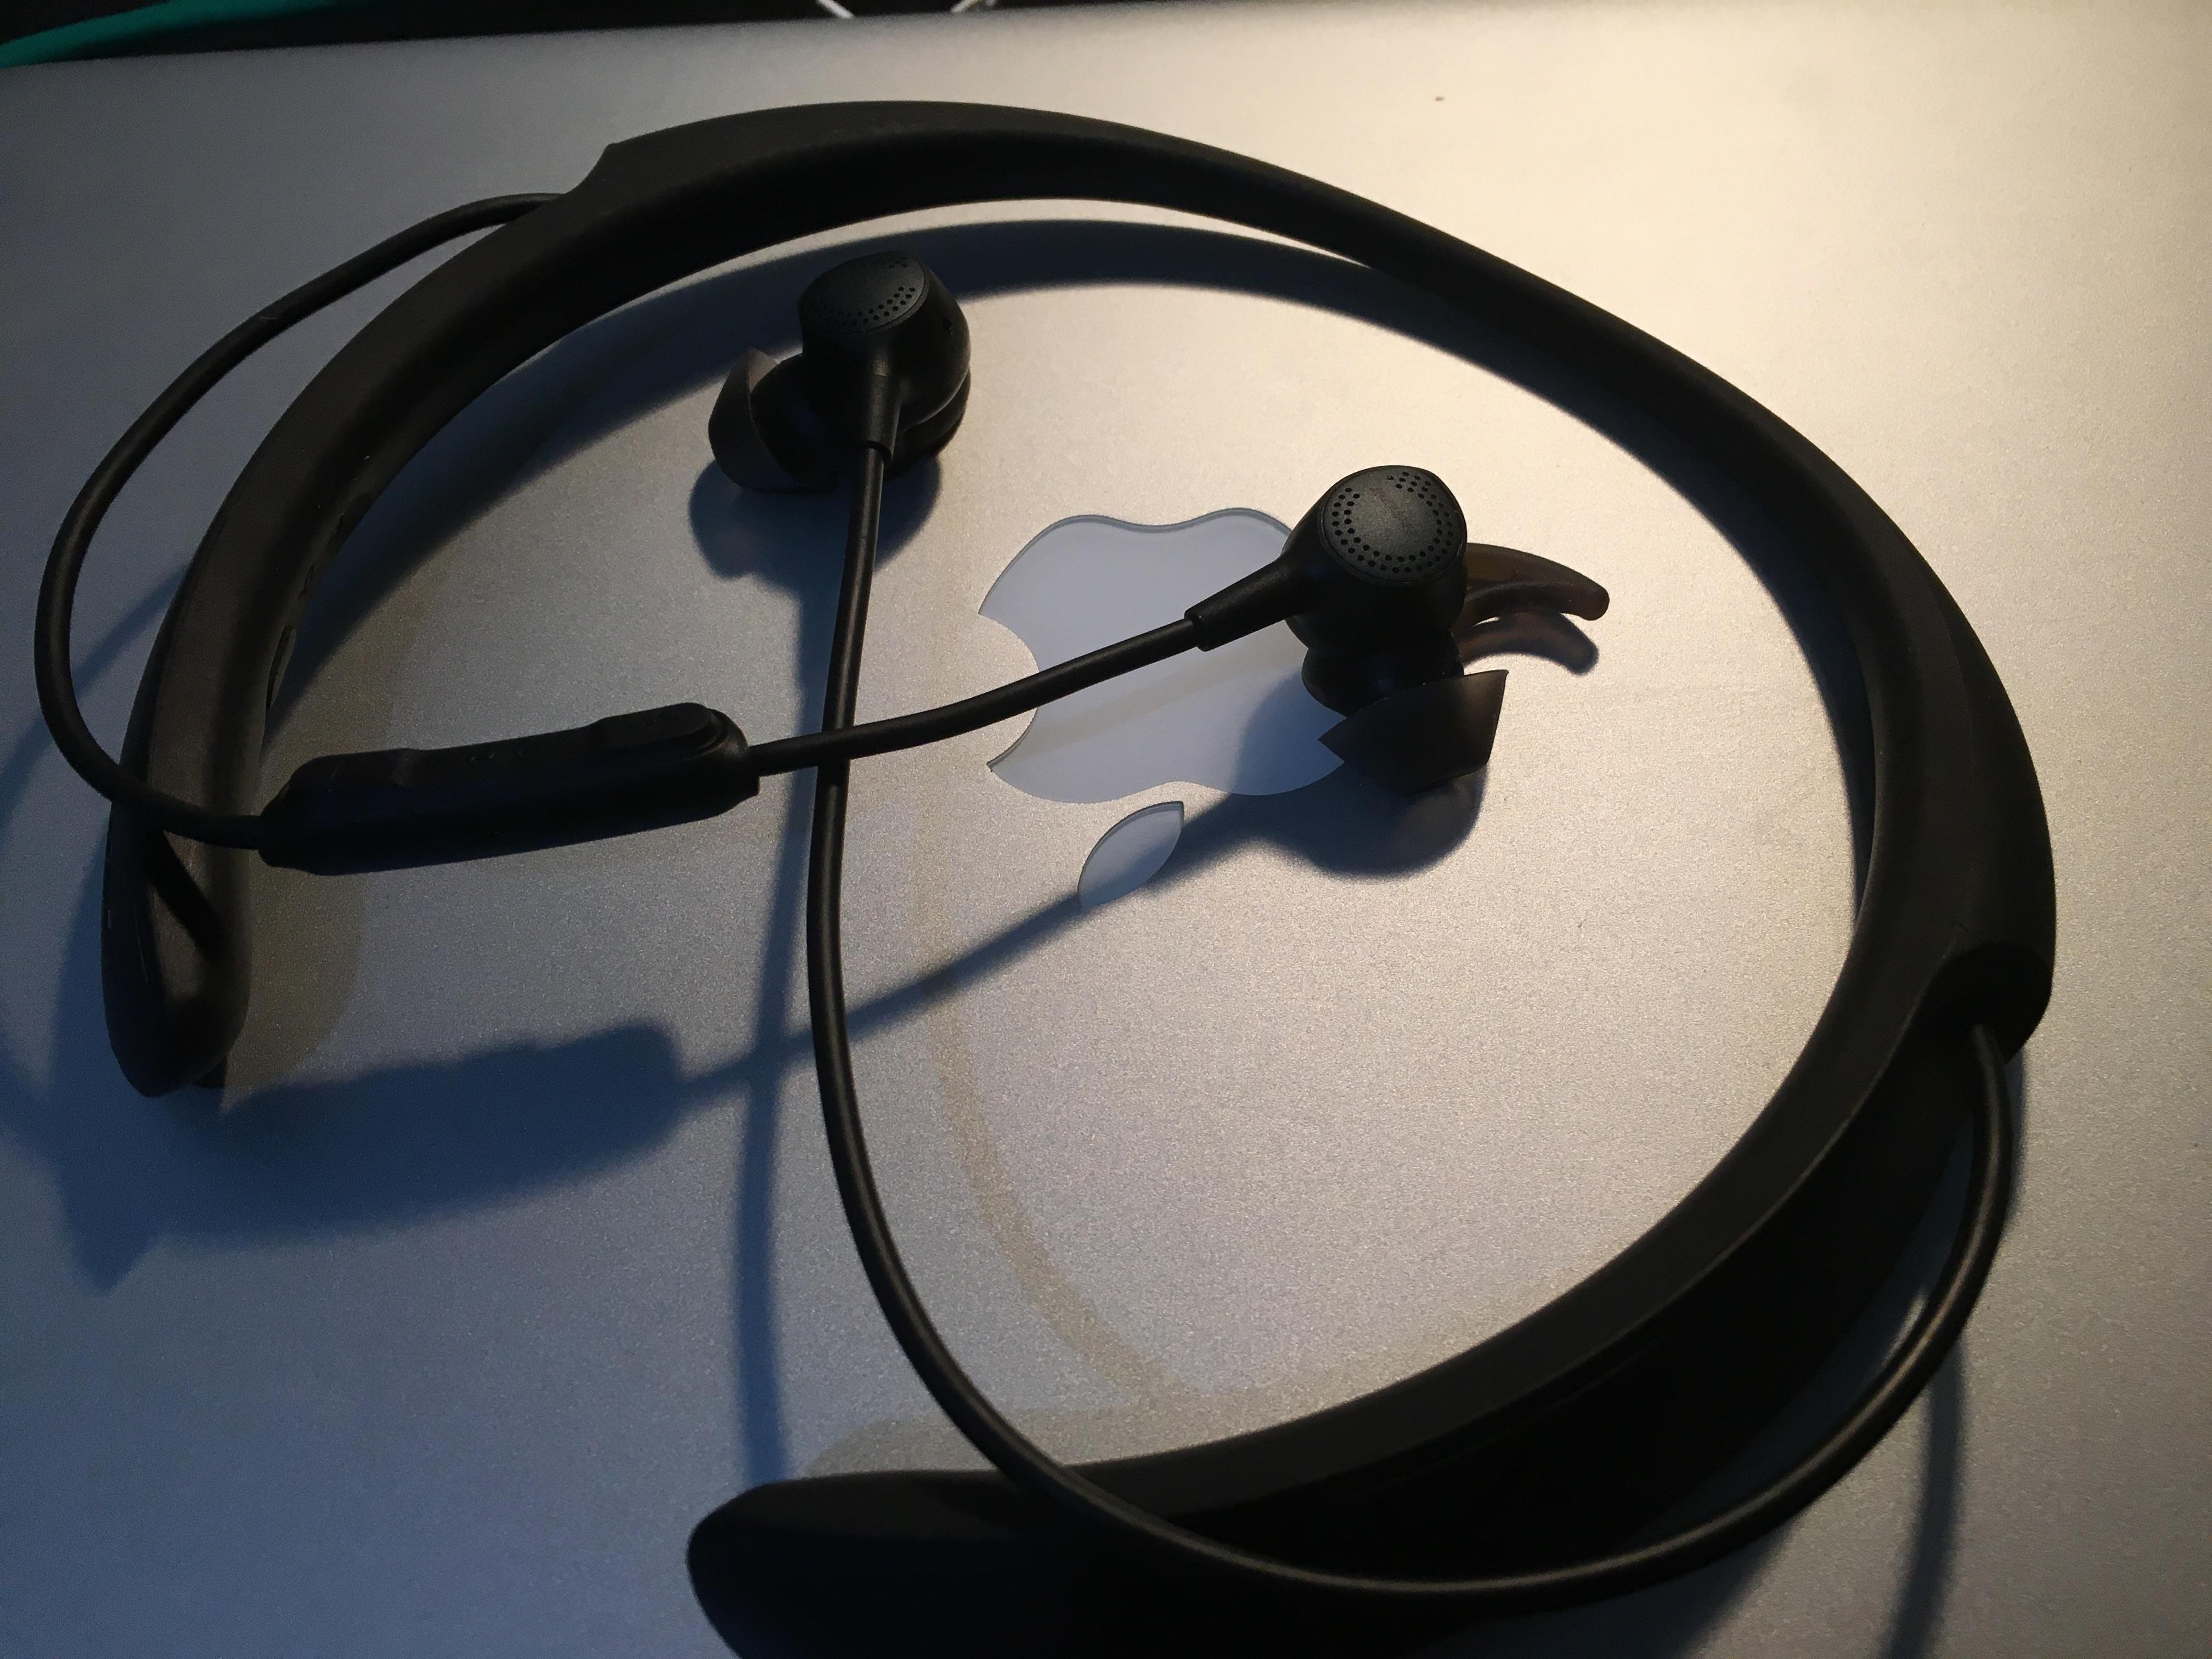 【レビュー】QuietControl 30 wireless headphones